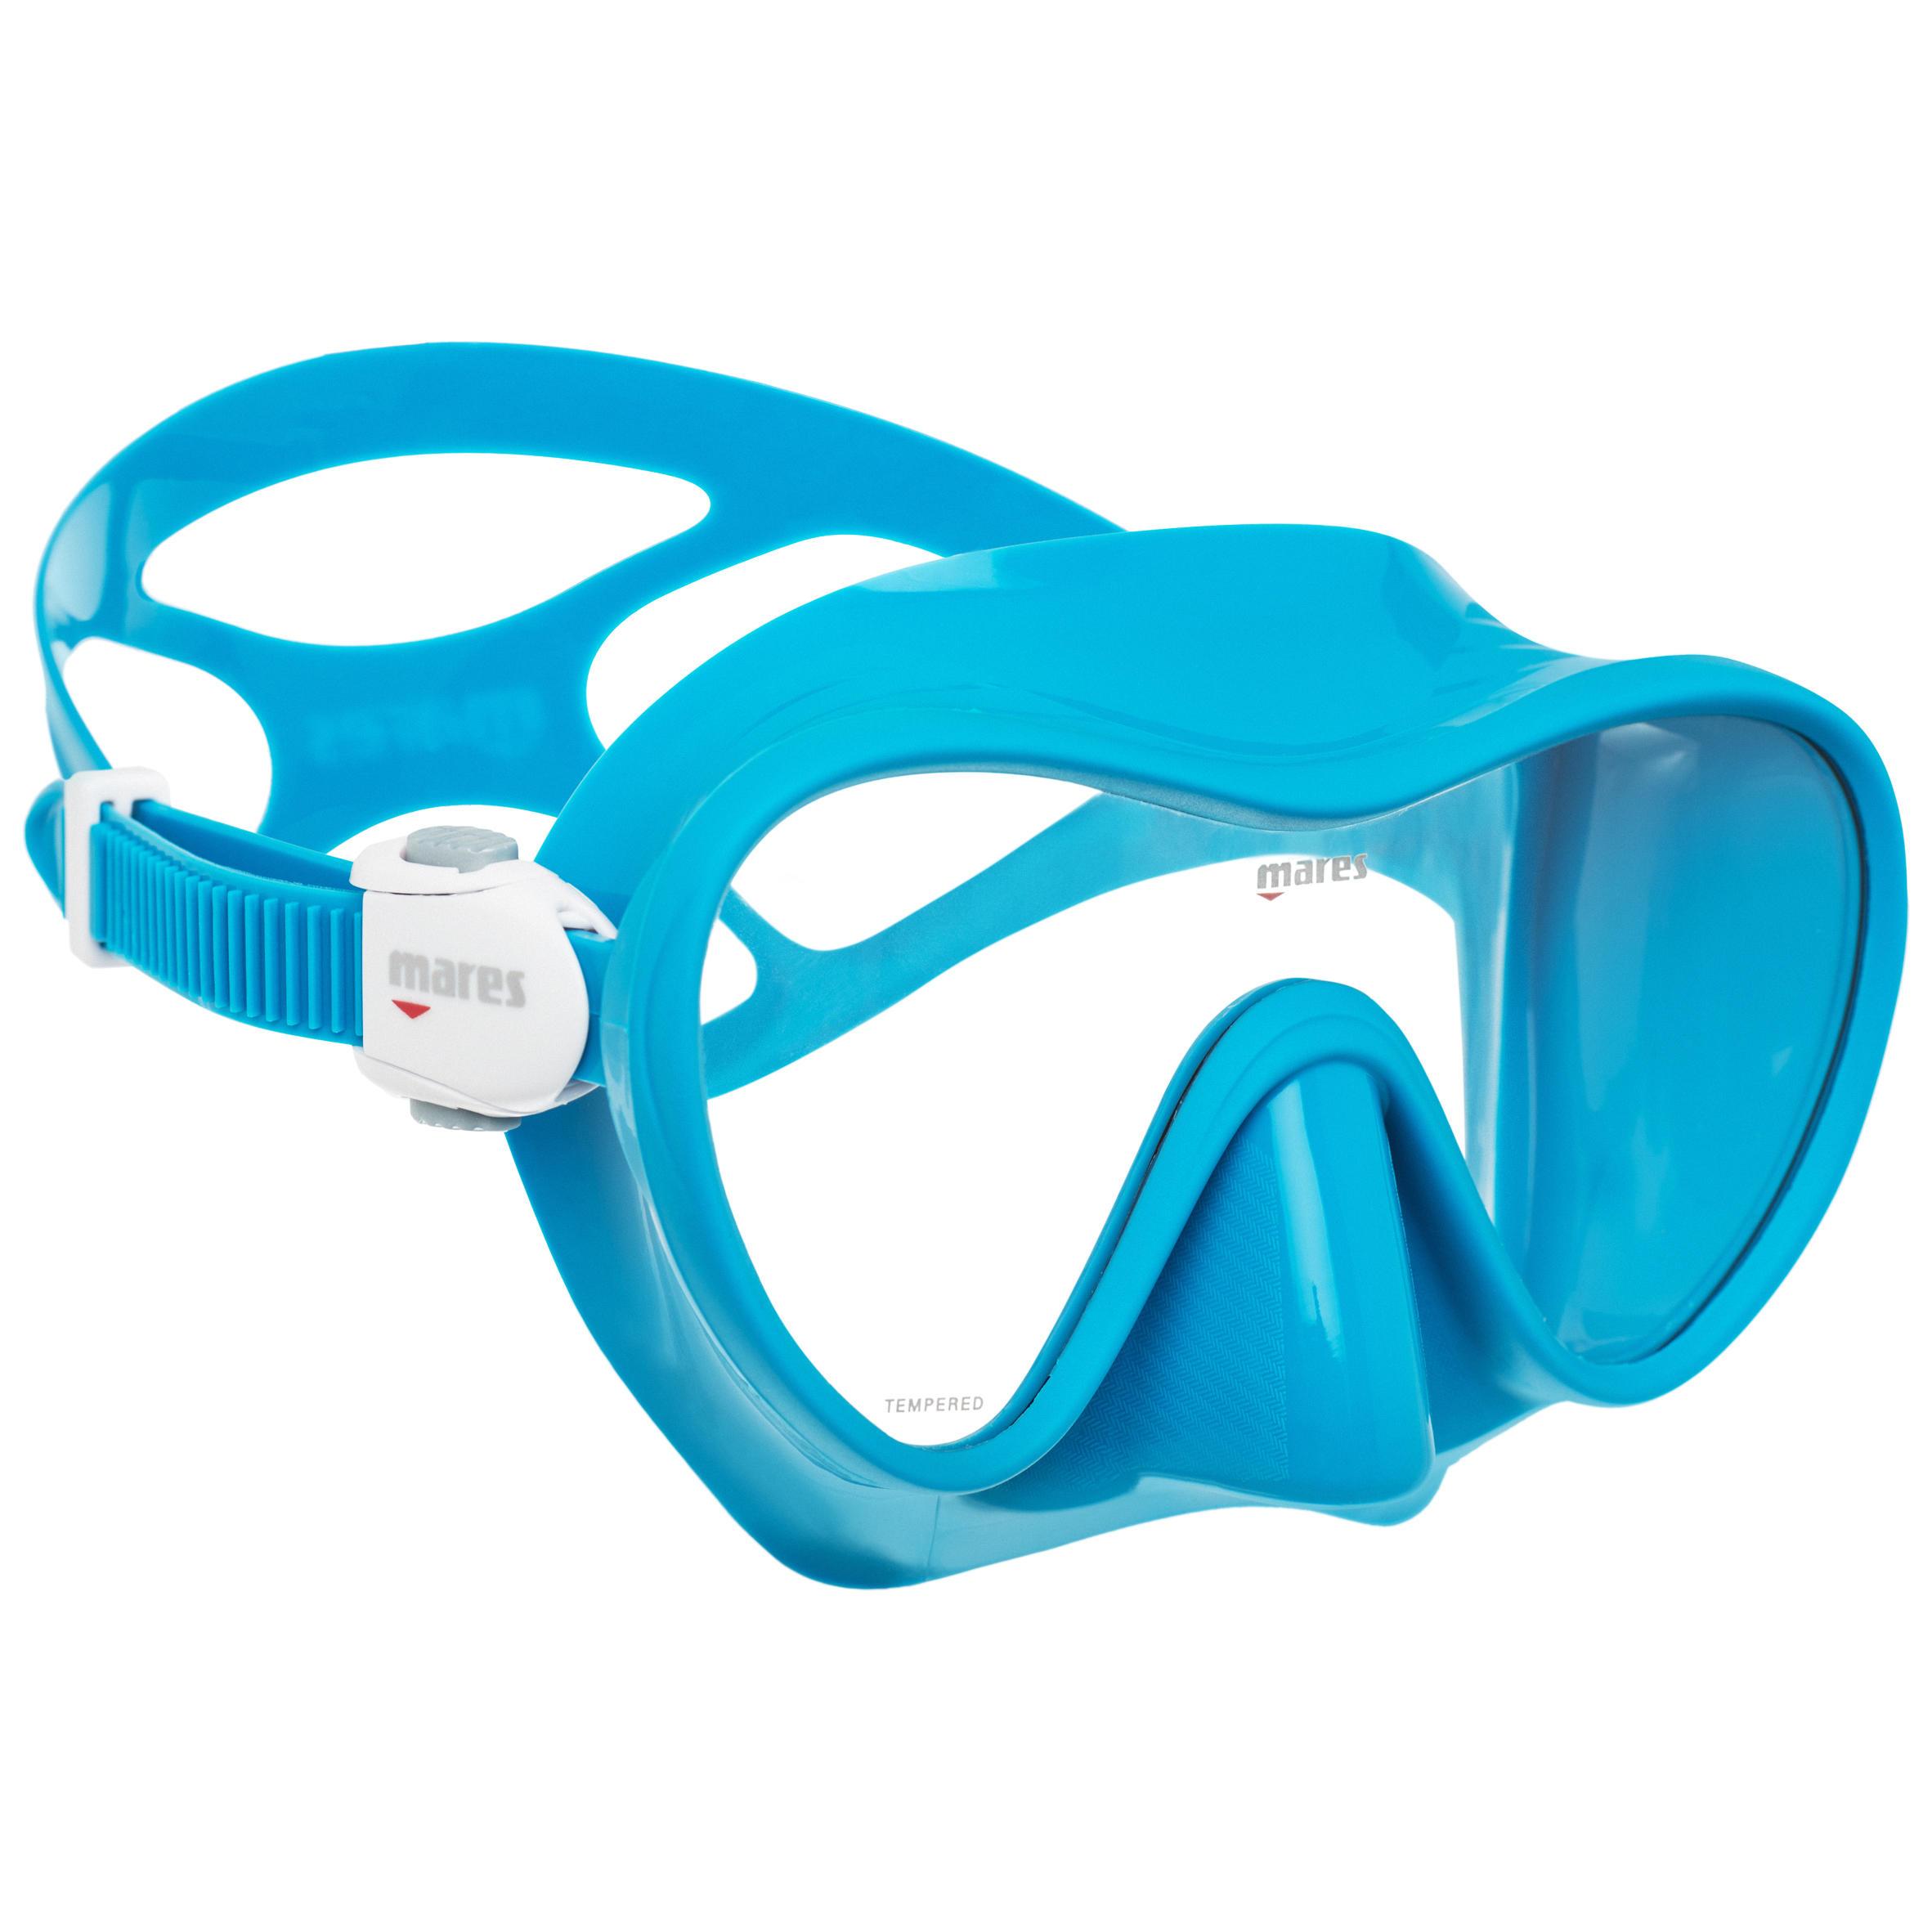 Comprar Máscaras de Snorkel y Gafas | Online | Decathlon